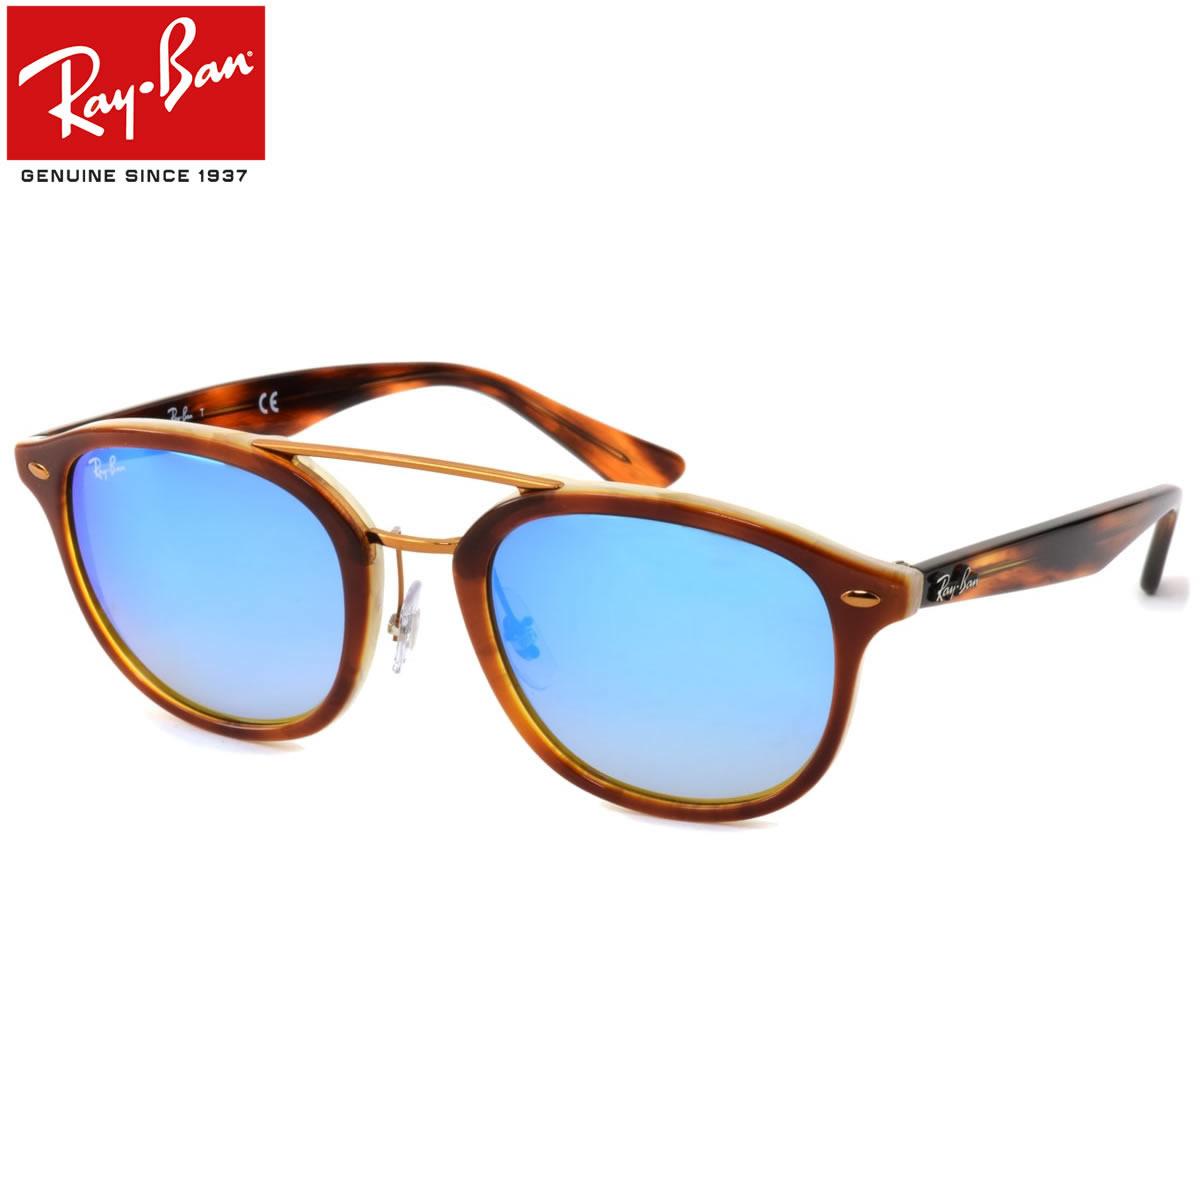 レイバン サングラス ミラー Ray-Ban RB2183 1128B7 53サイズ レイバン RAYBAN FLASH LENSES GRADIENT 1128/B7 べっ甲 べっこう ミラー ブルーレンズ メンズ レディース